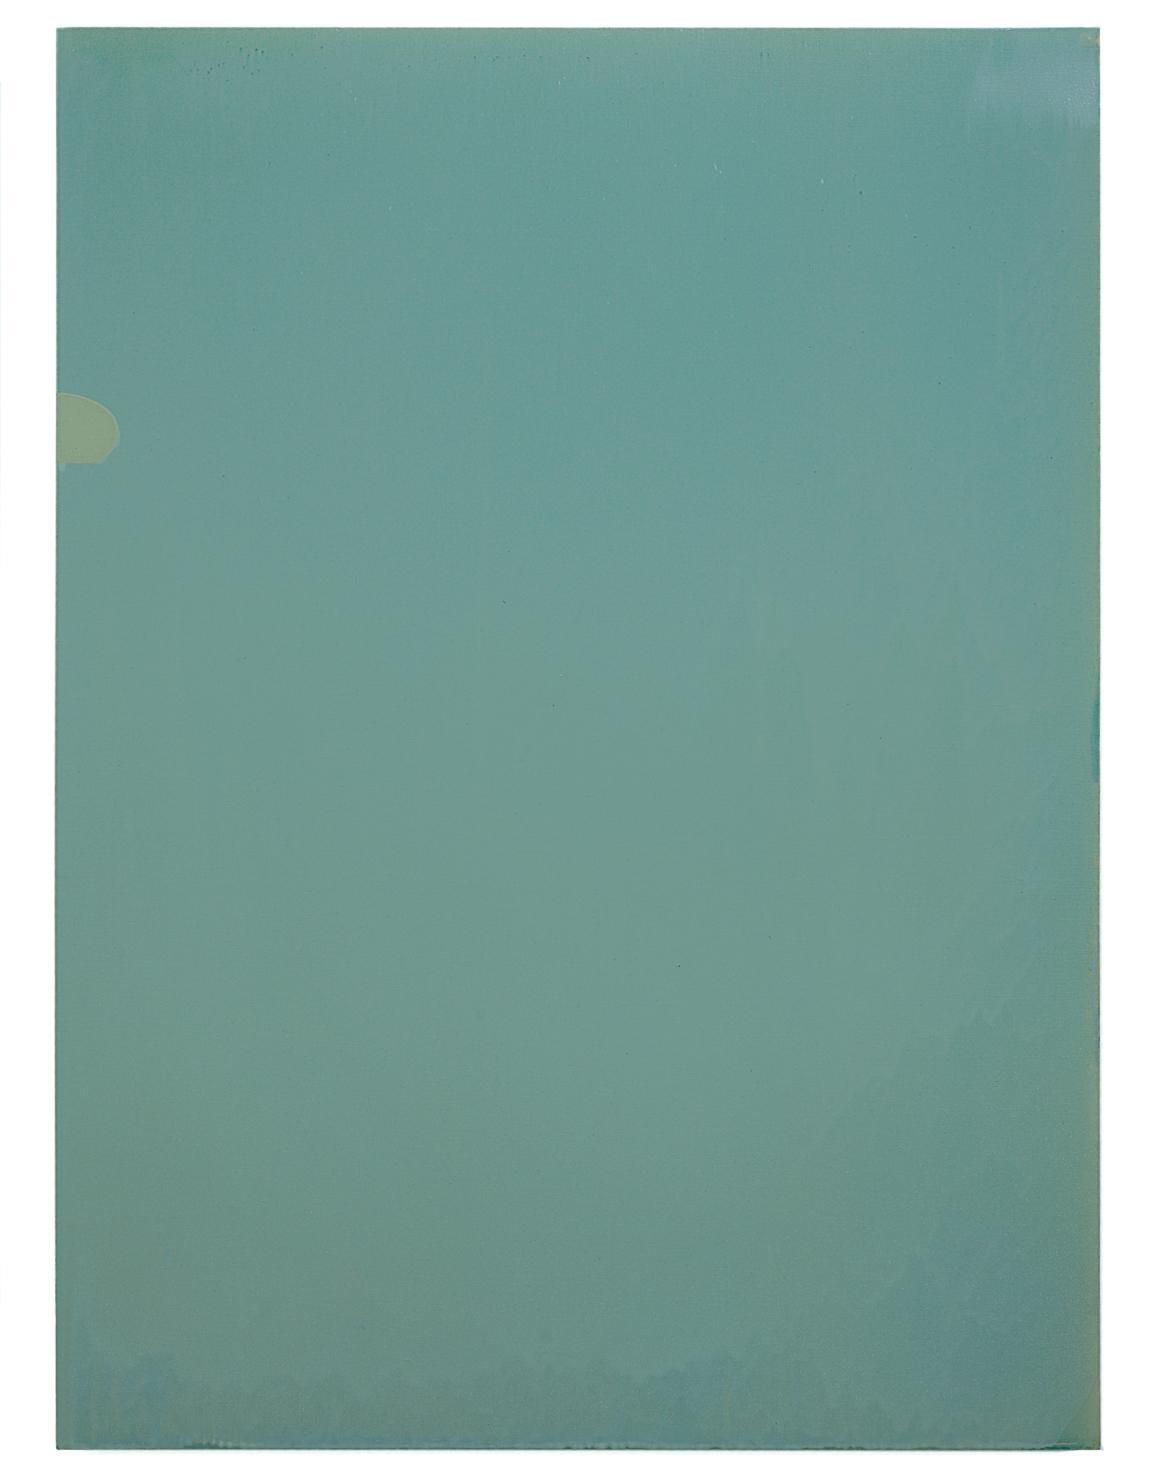 Luke HENG Green on White 2015 Oil on linen H130 x W95 xD5 cm